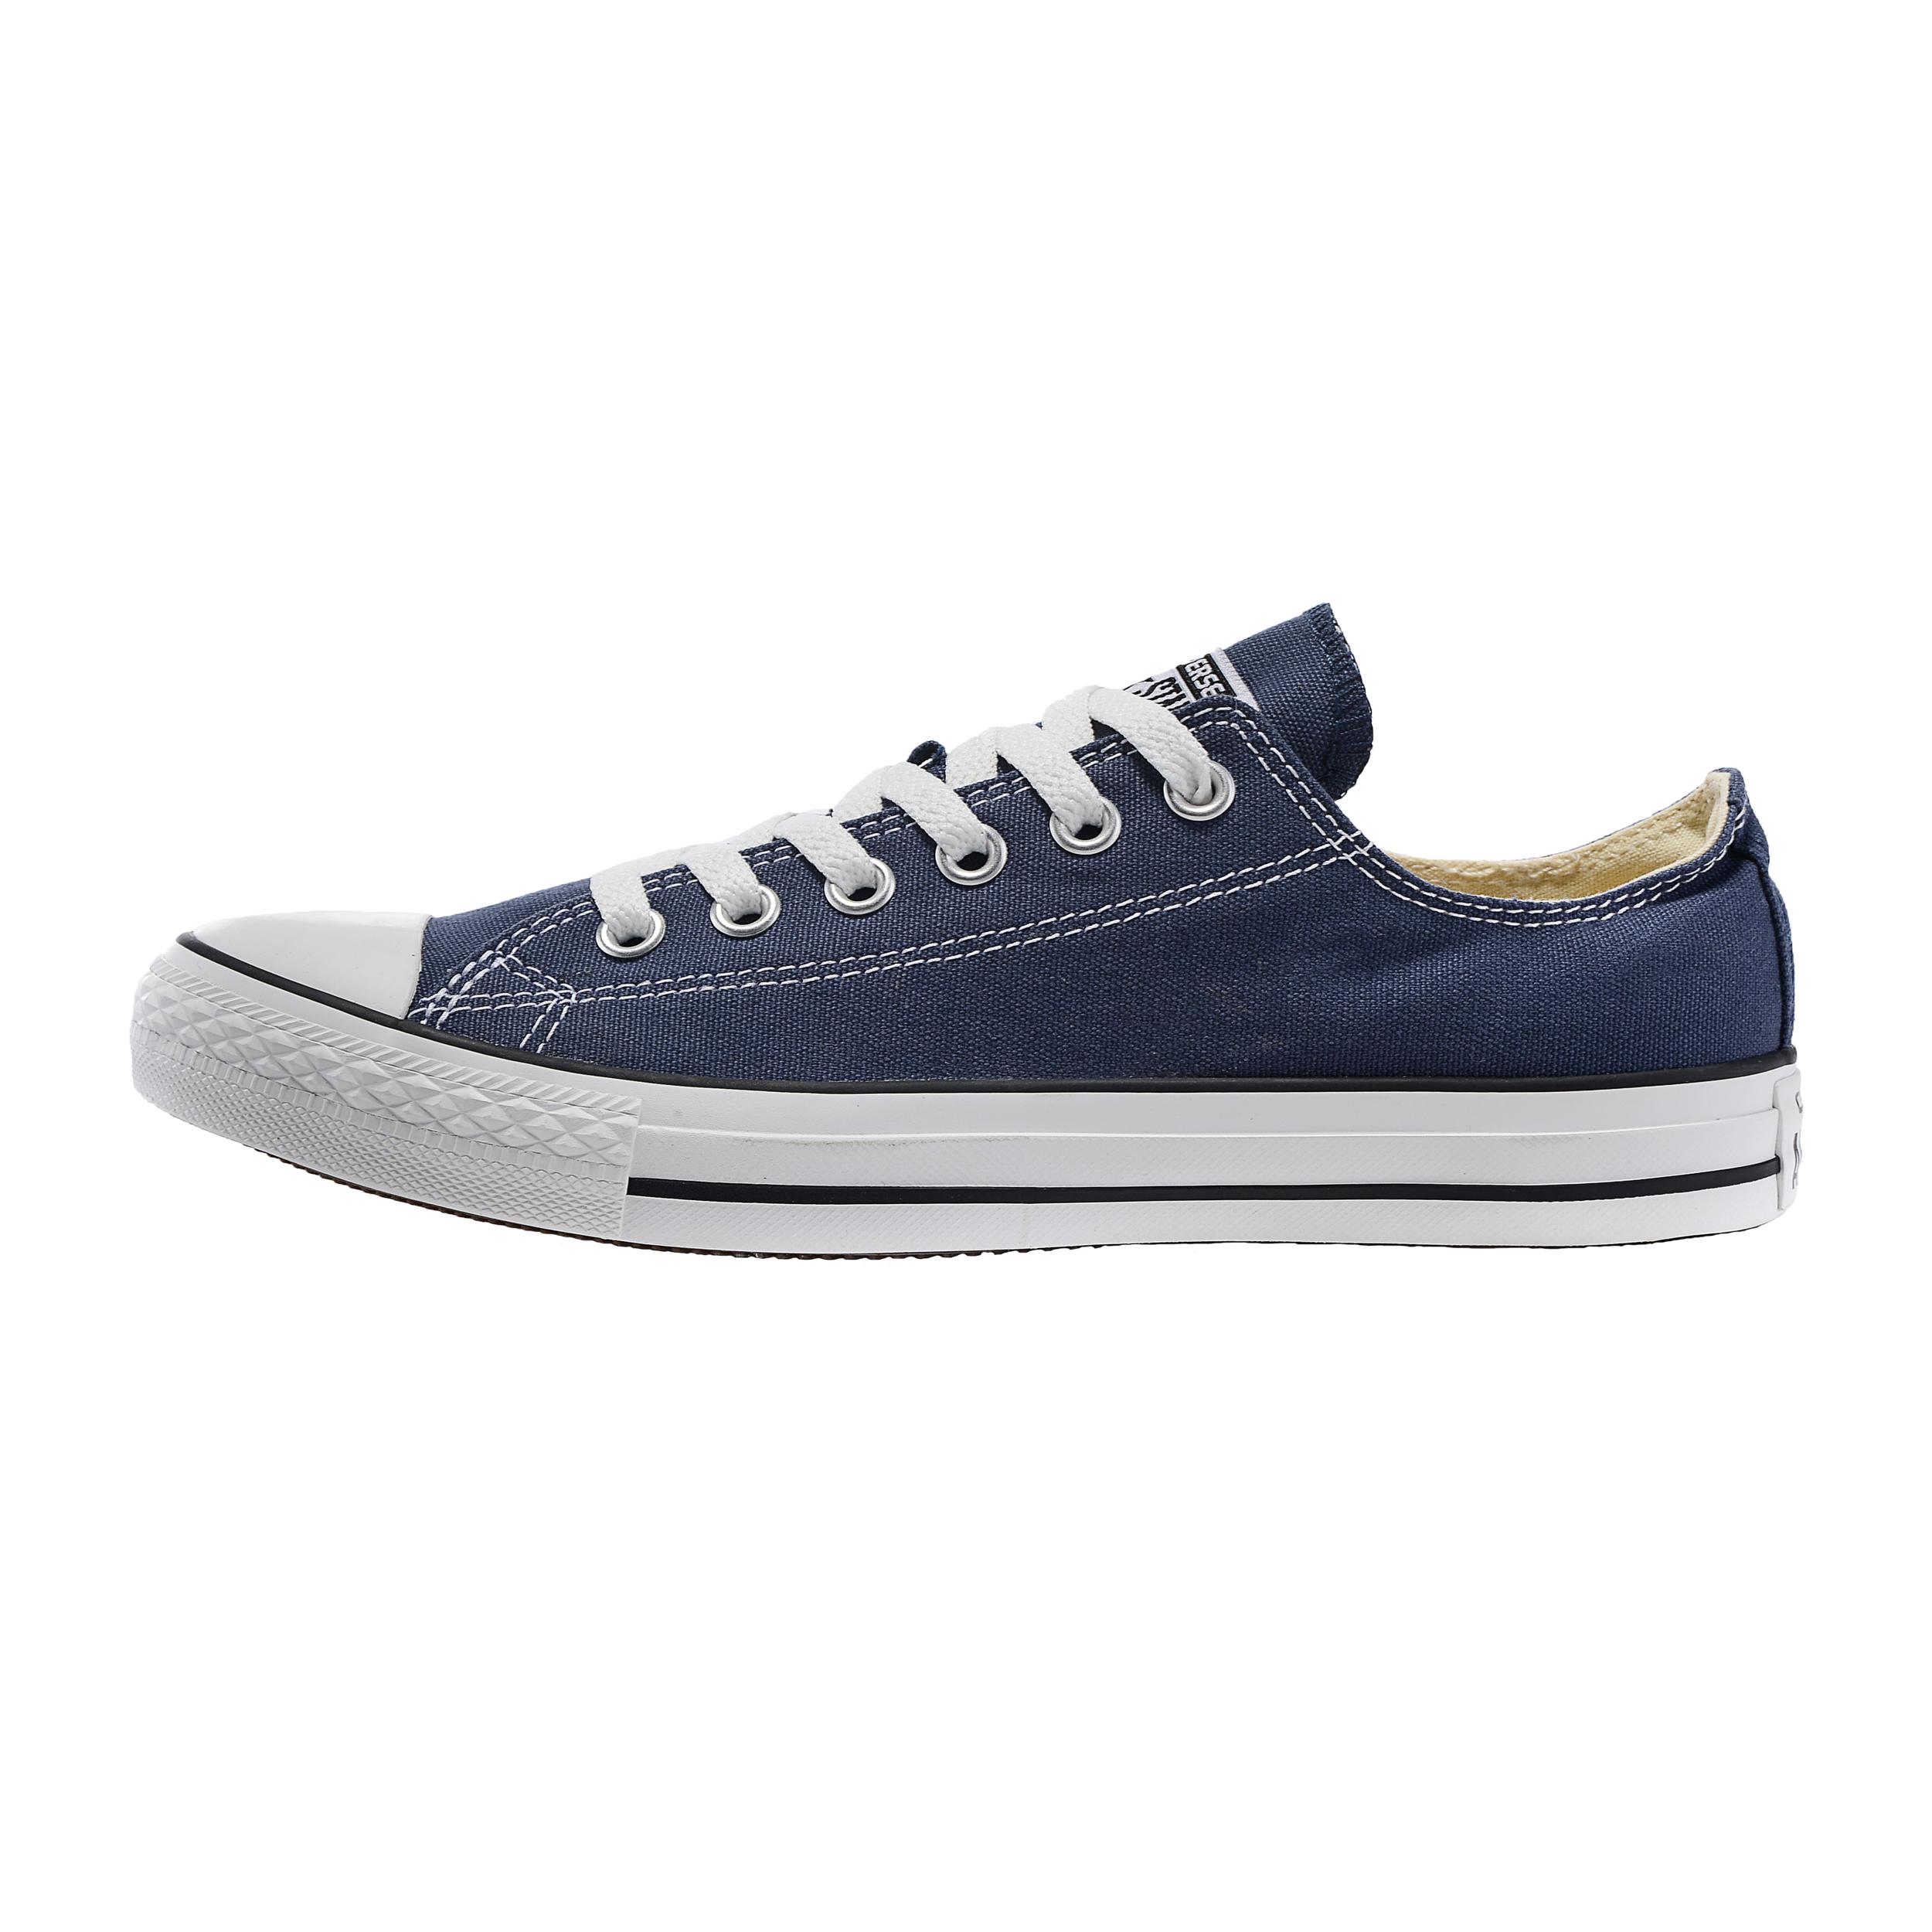 کفش راحتی مردانه کانورس مدل All Star Ox-102329